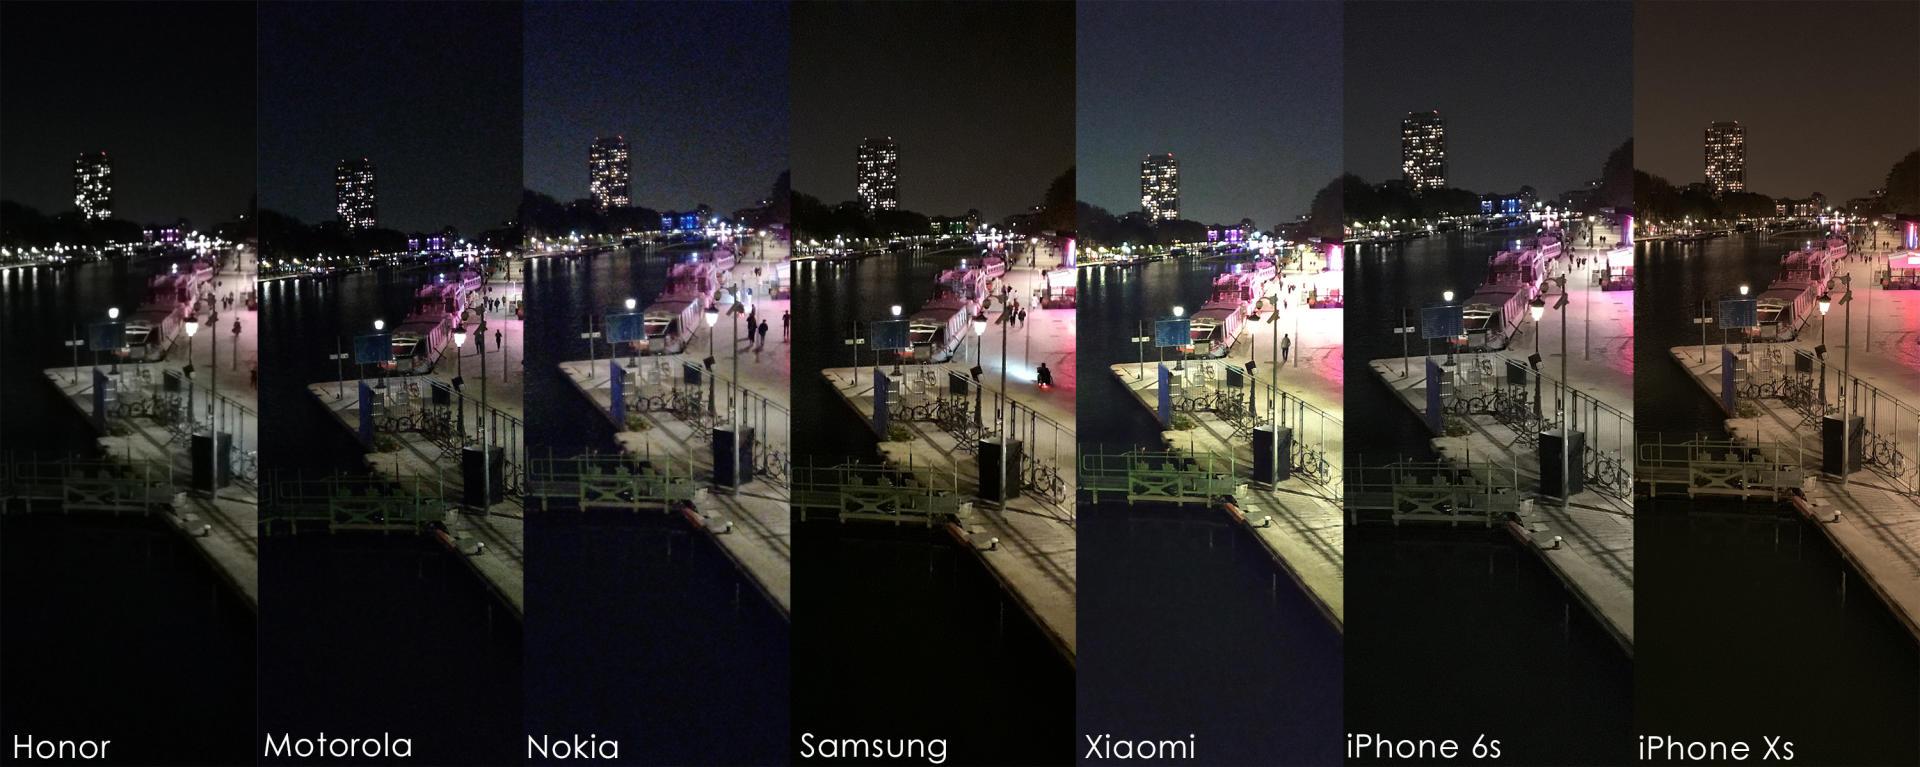 La nuit, le Xiaomi Redmi Note 5 est le seul mobile à 200 euros qui capture le plus souvent des photos honnêtes. Dans les mêmes conditions, les photos de l'iPhone Xs sont largement meilleures.